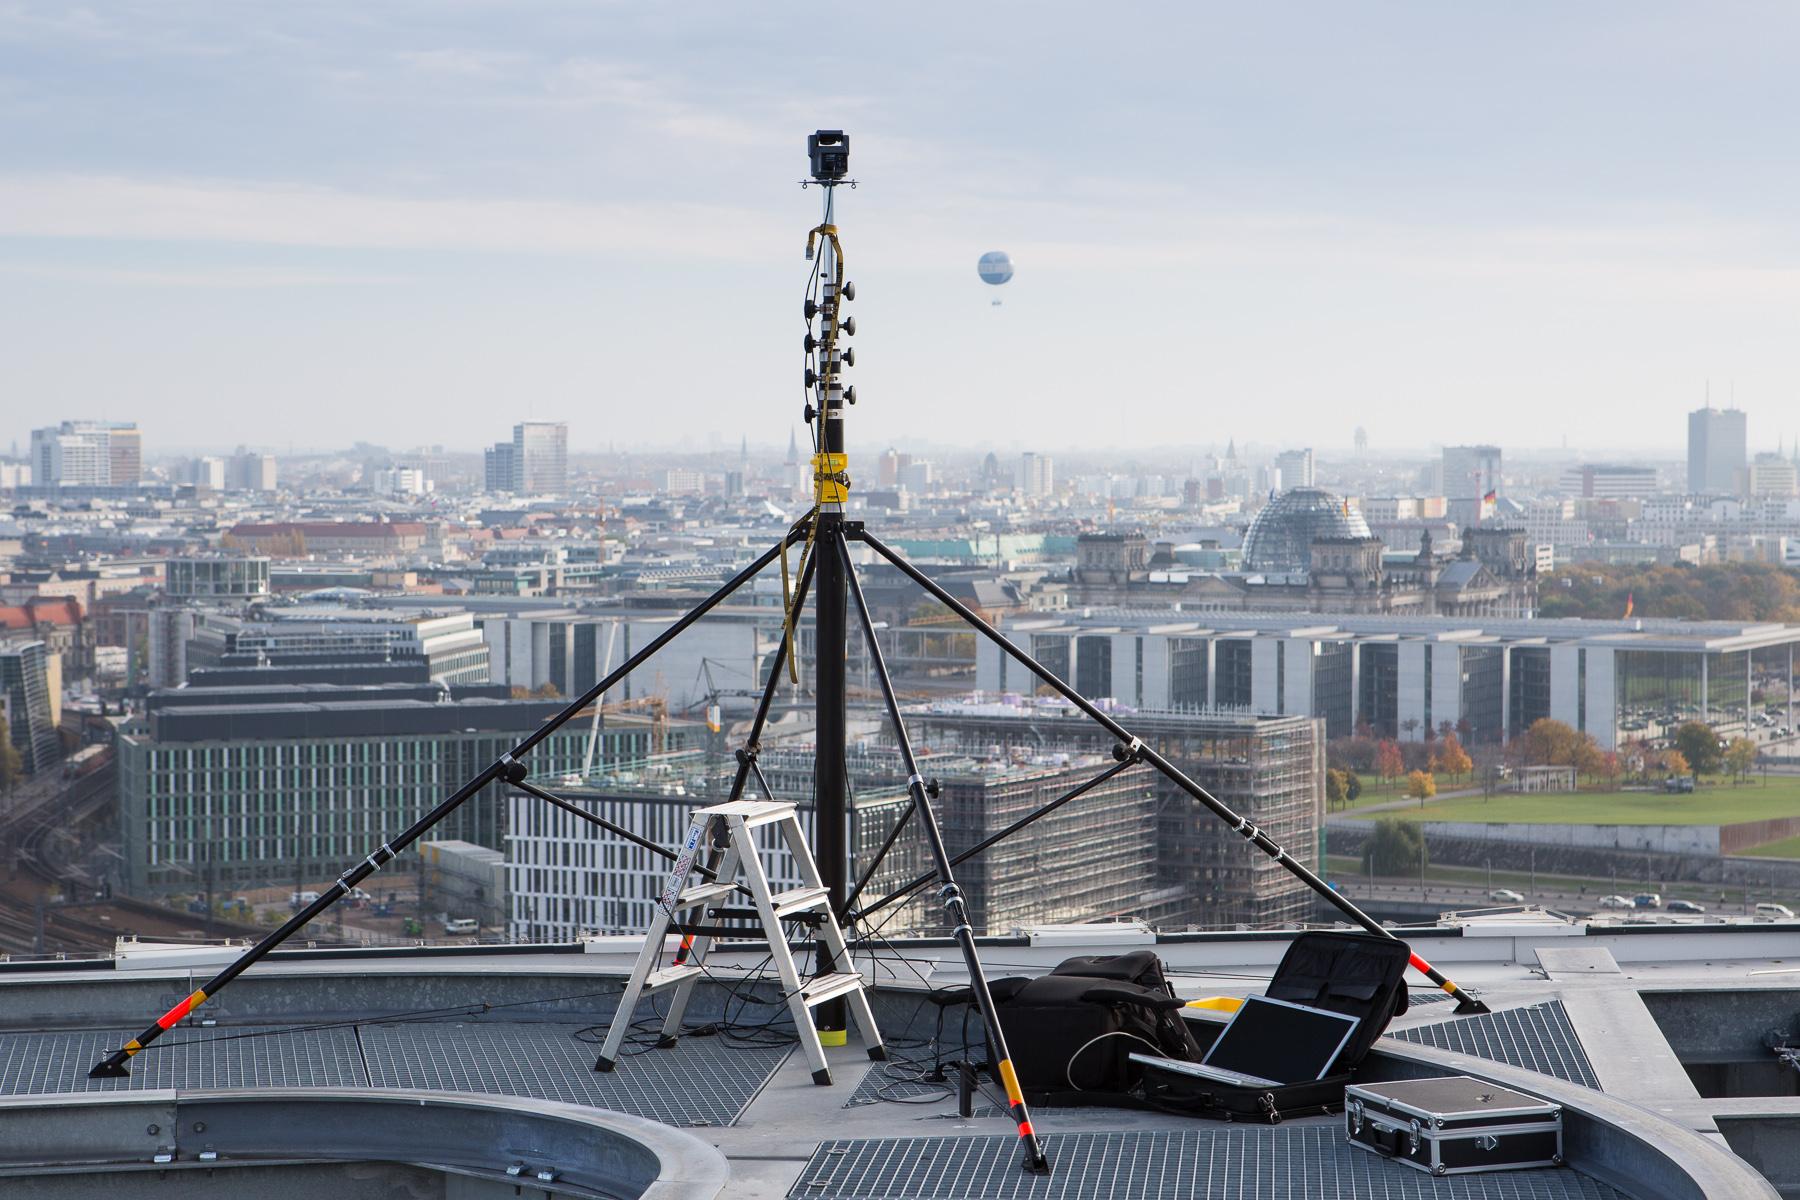 001_©manuel-frauendorf-fotografie_panoramafotograf_berlin_germany_phone_004917623178911_IMG_9920